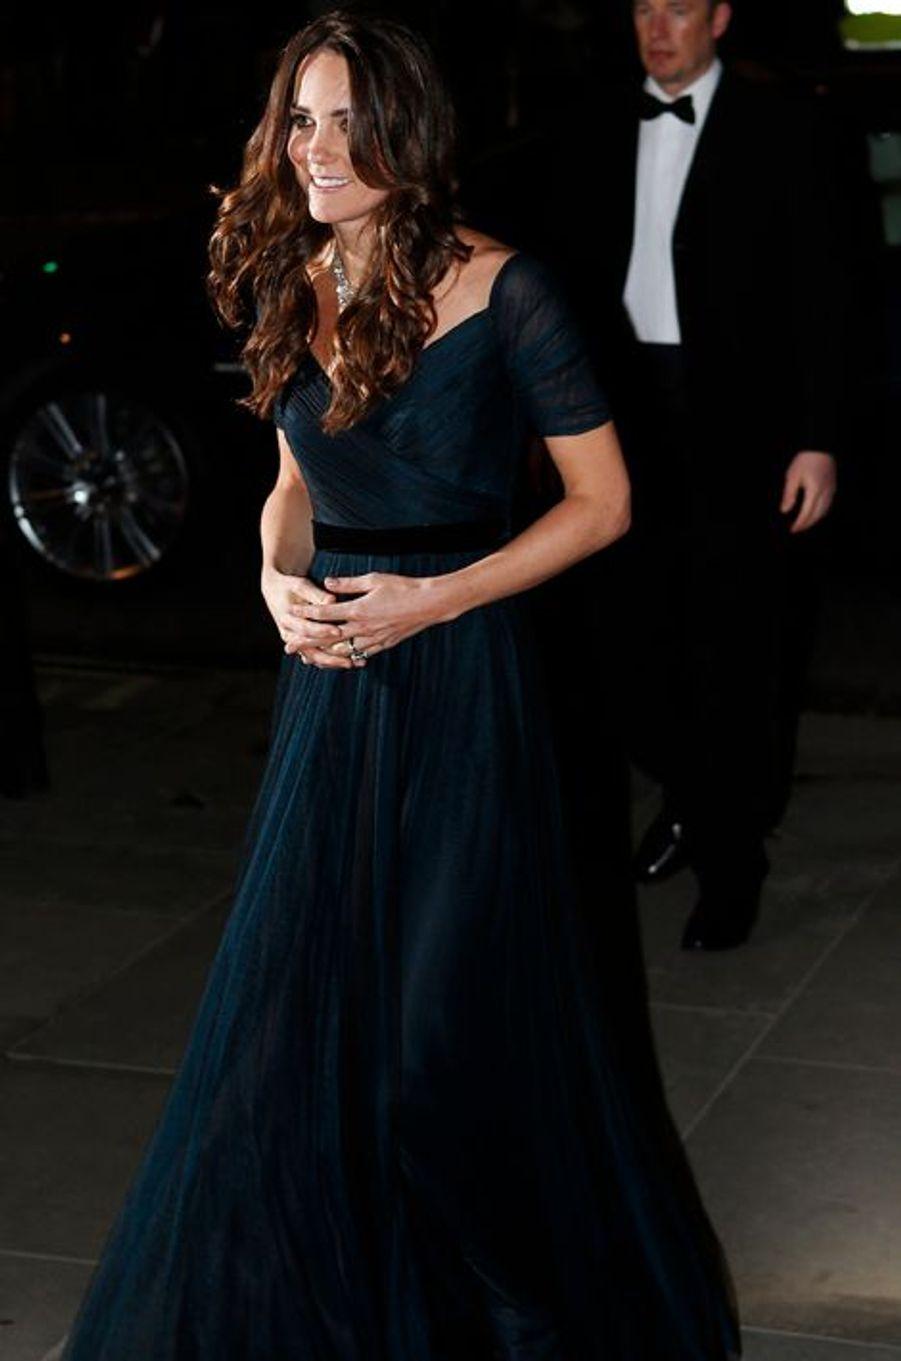 Au gala de la National Portrait Gallery à Londres, le 11 février 2014